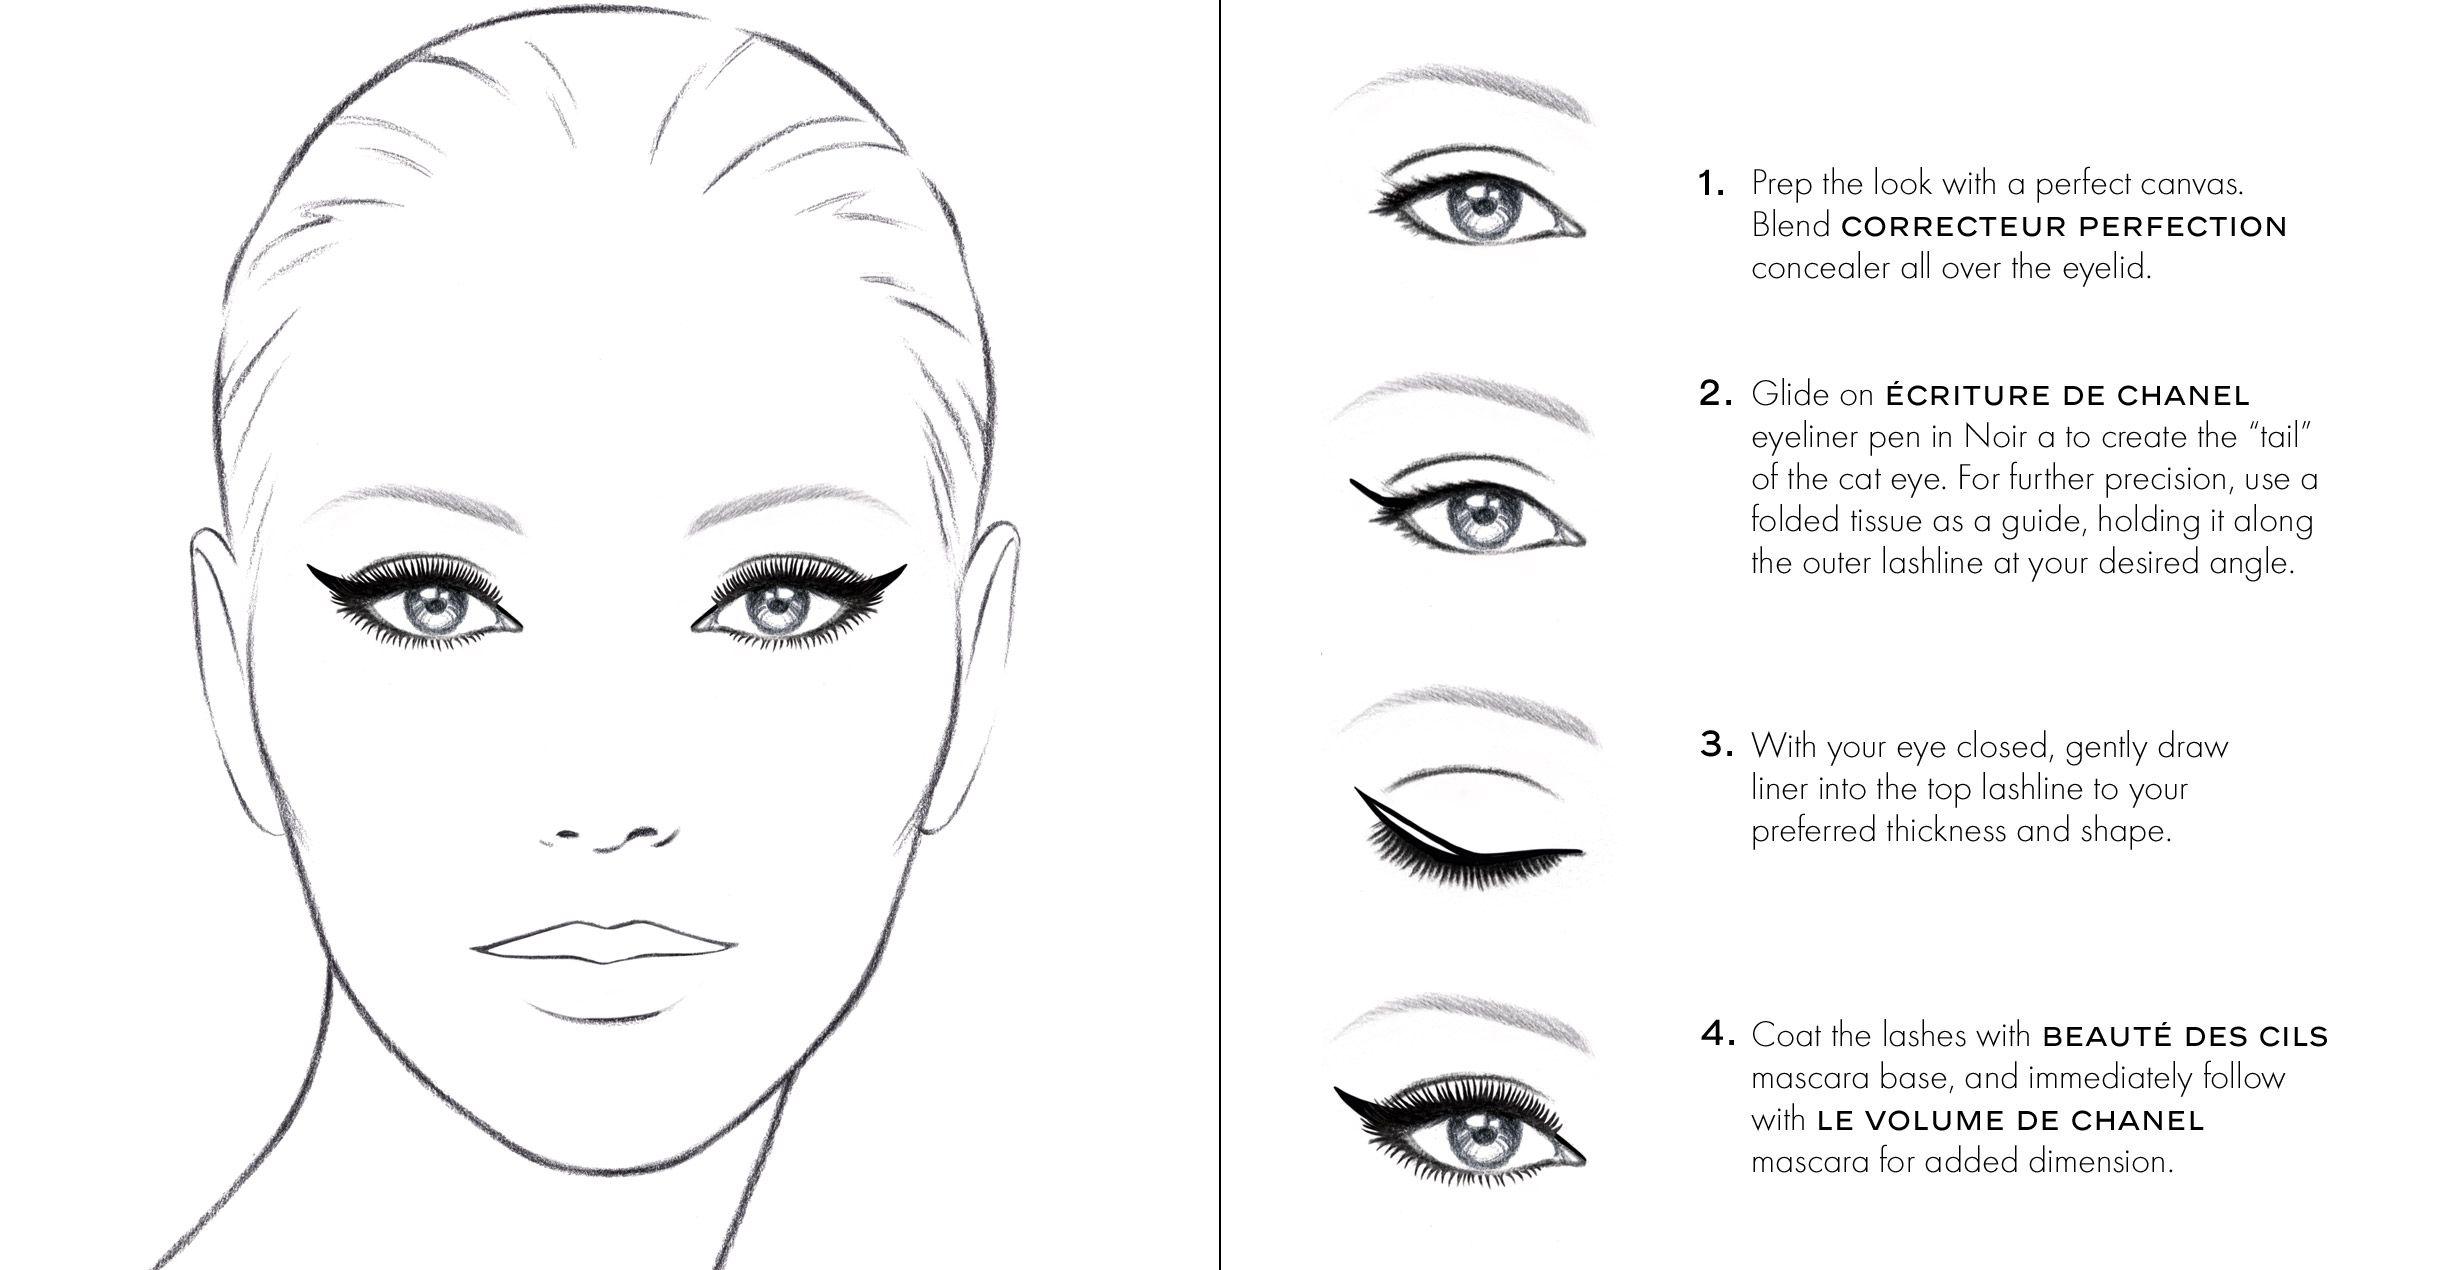 Ecriture De Chanel Eyeliner Pen In